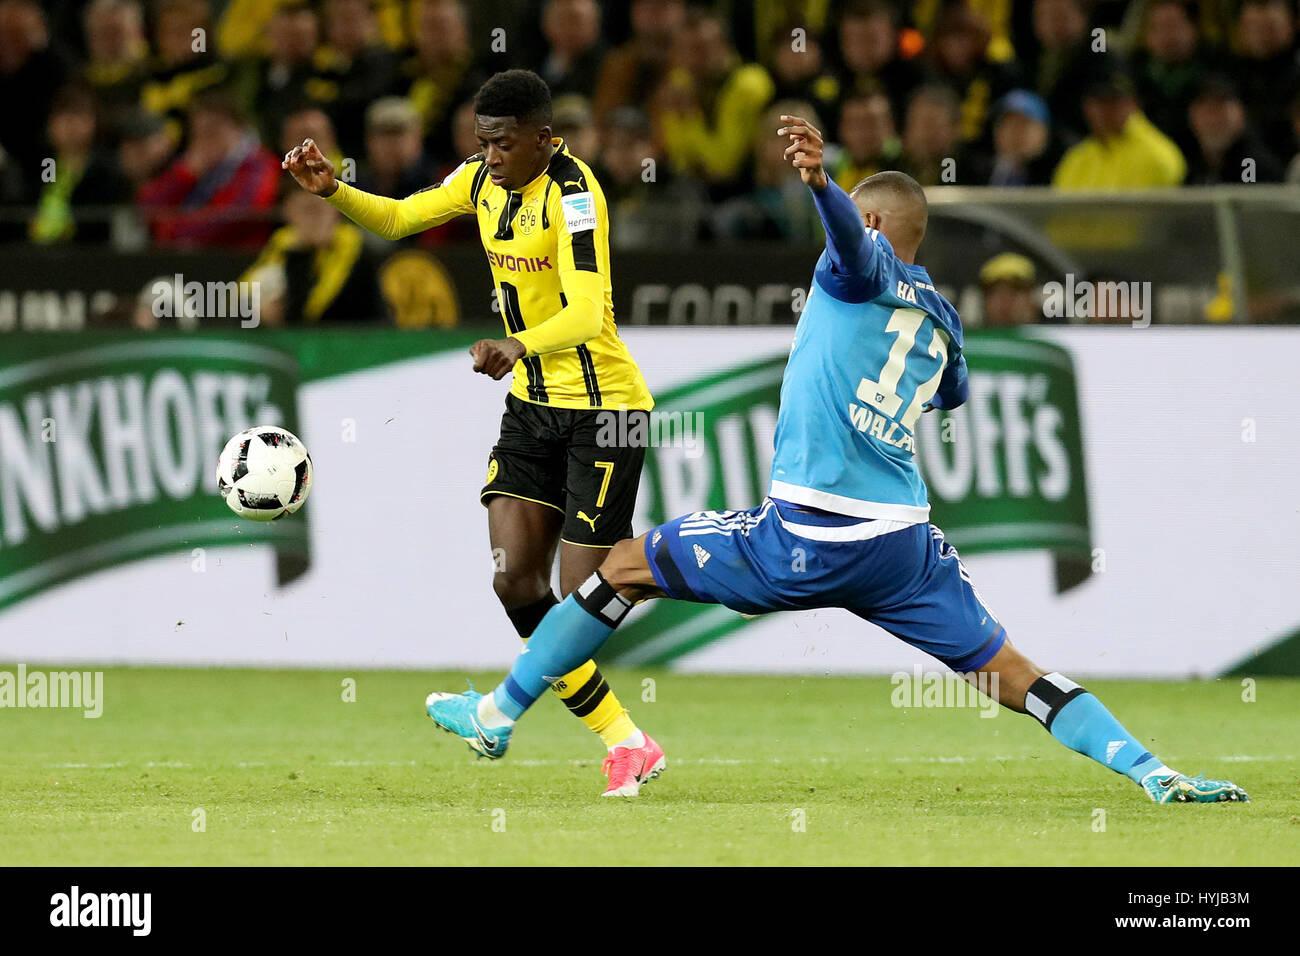 Dortmund. 4. April 2017. Ousmane Dembele (L) von Dortmund wetteifert mit Walace des Hamburger SV in der Bundesliga Stockfoto